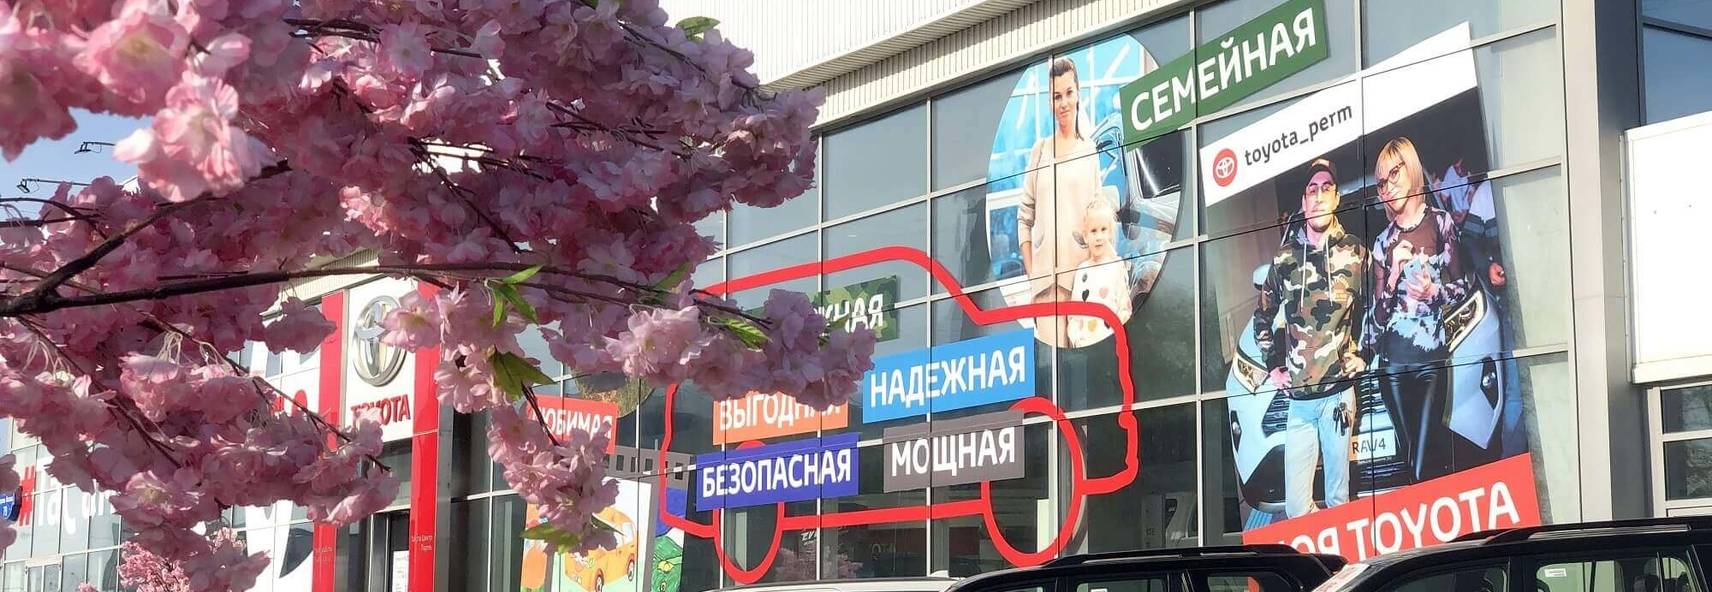 Тойота Центр Пермь